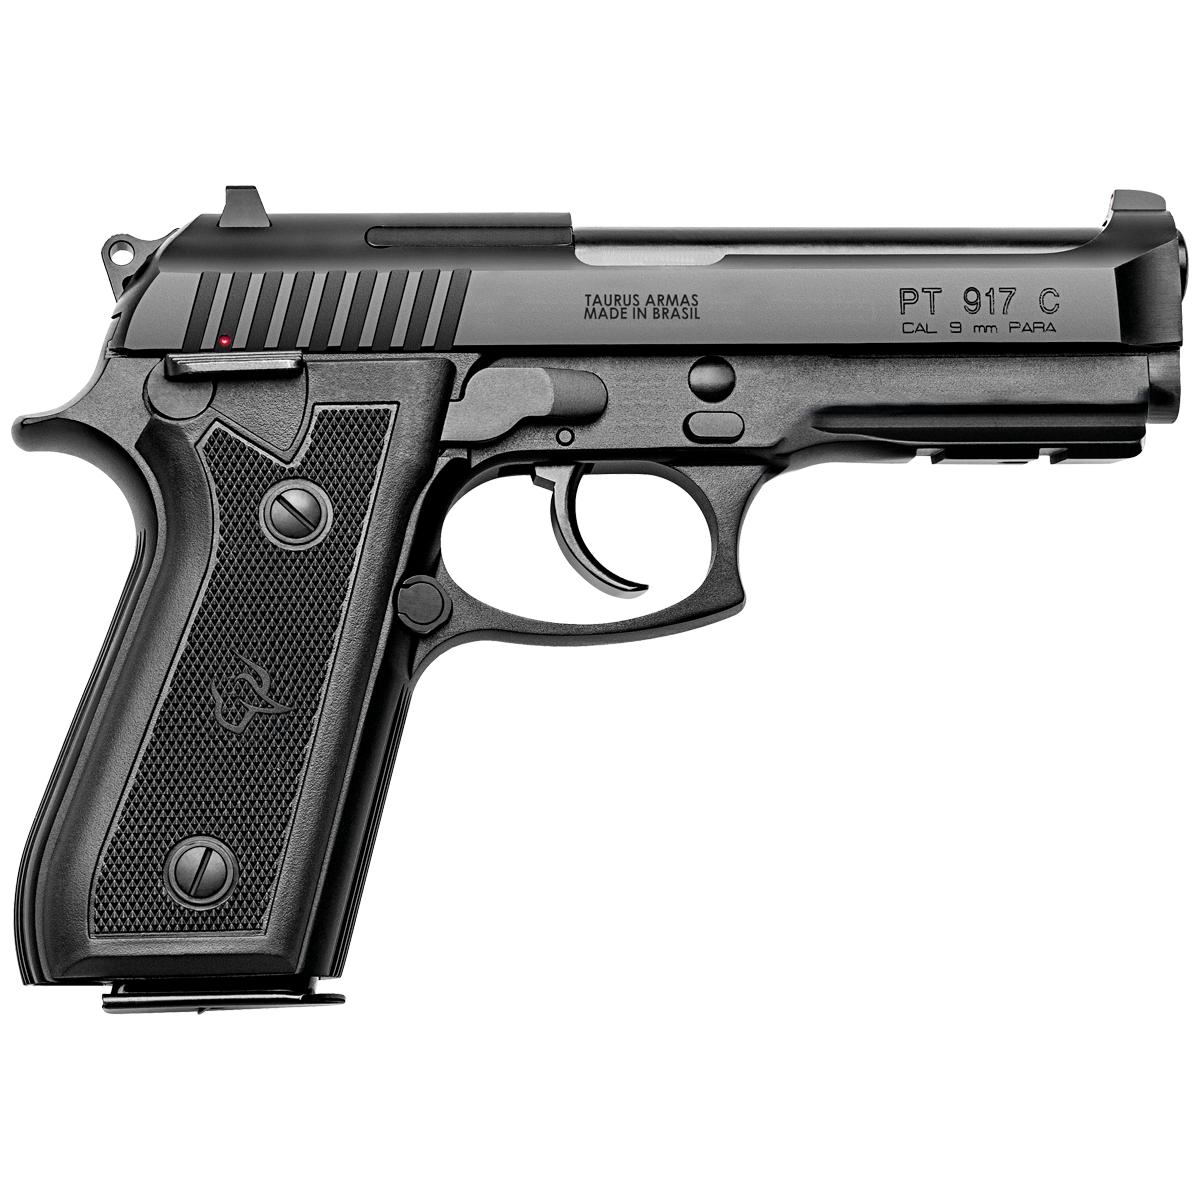 Pistola Taurus 917 C